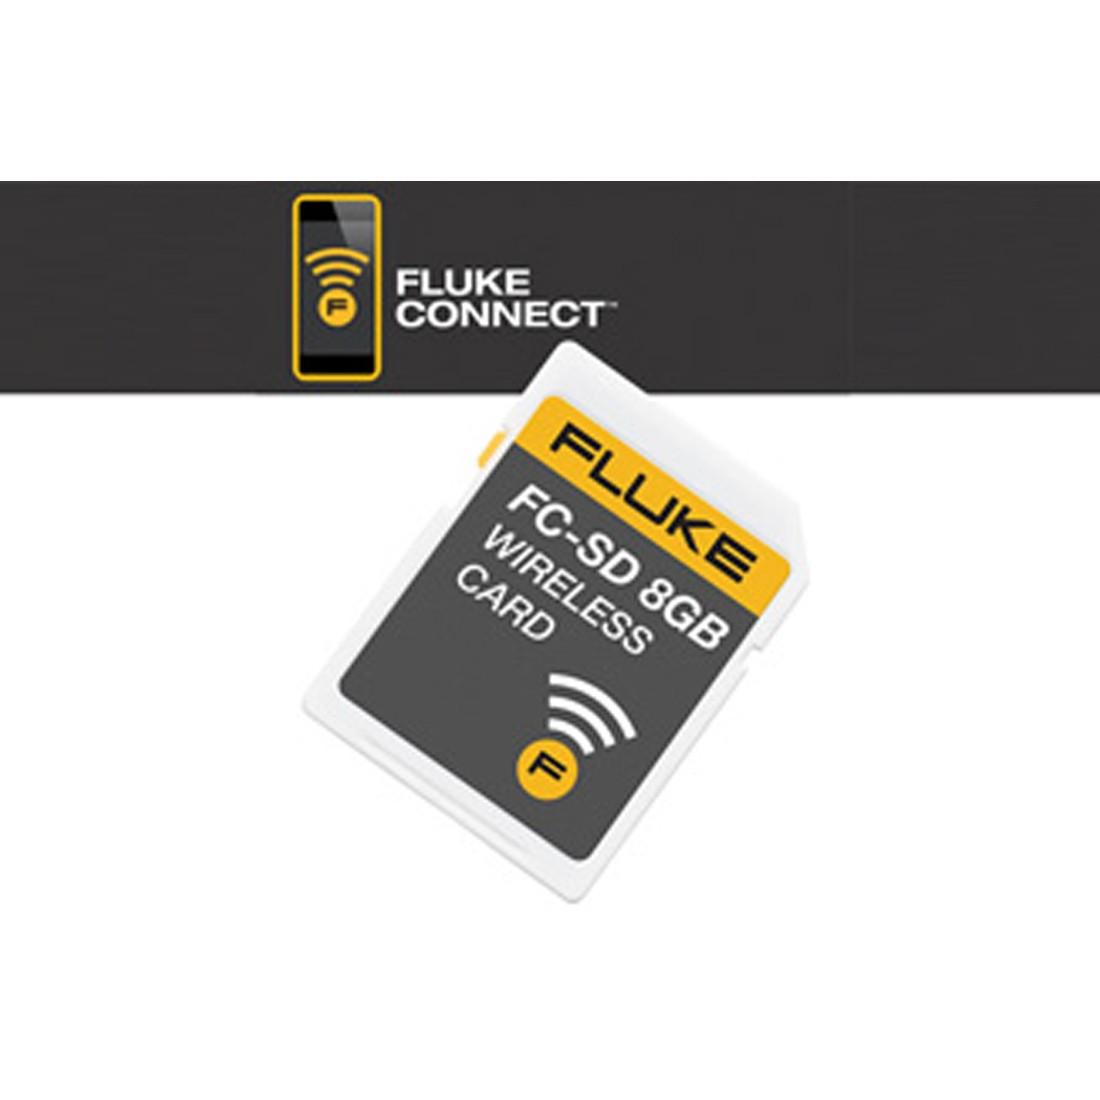 FLK-FC-SD CARD Fluke Connect Wireless-SD-Karte